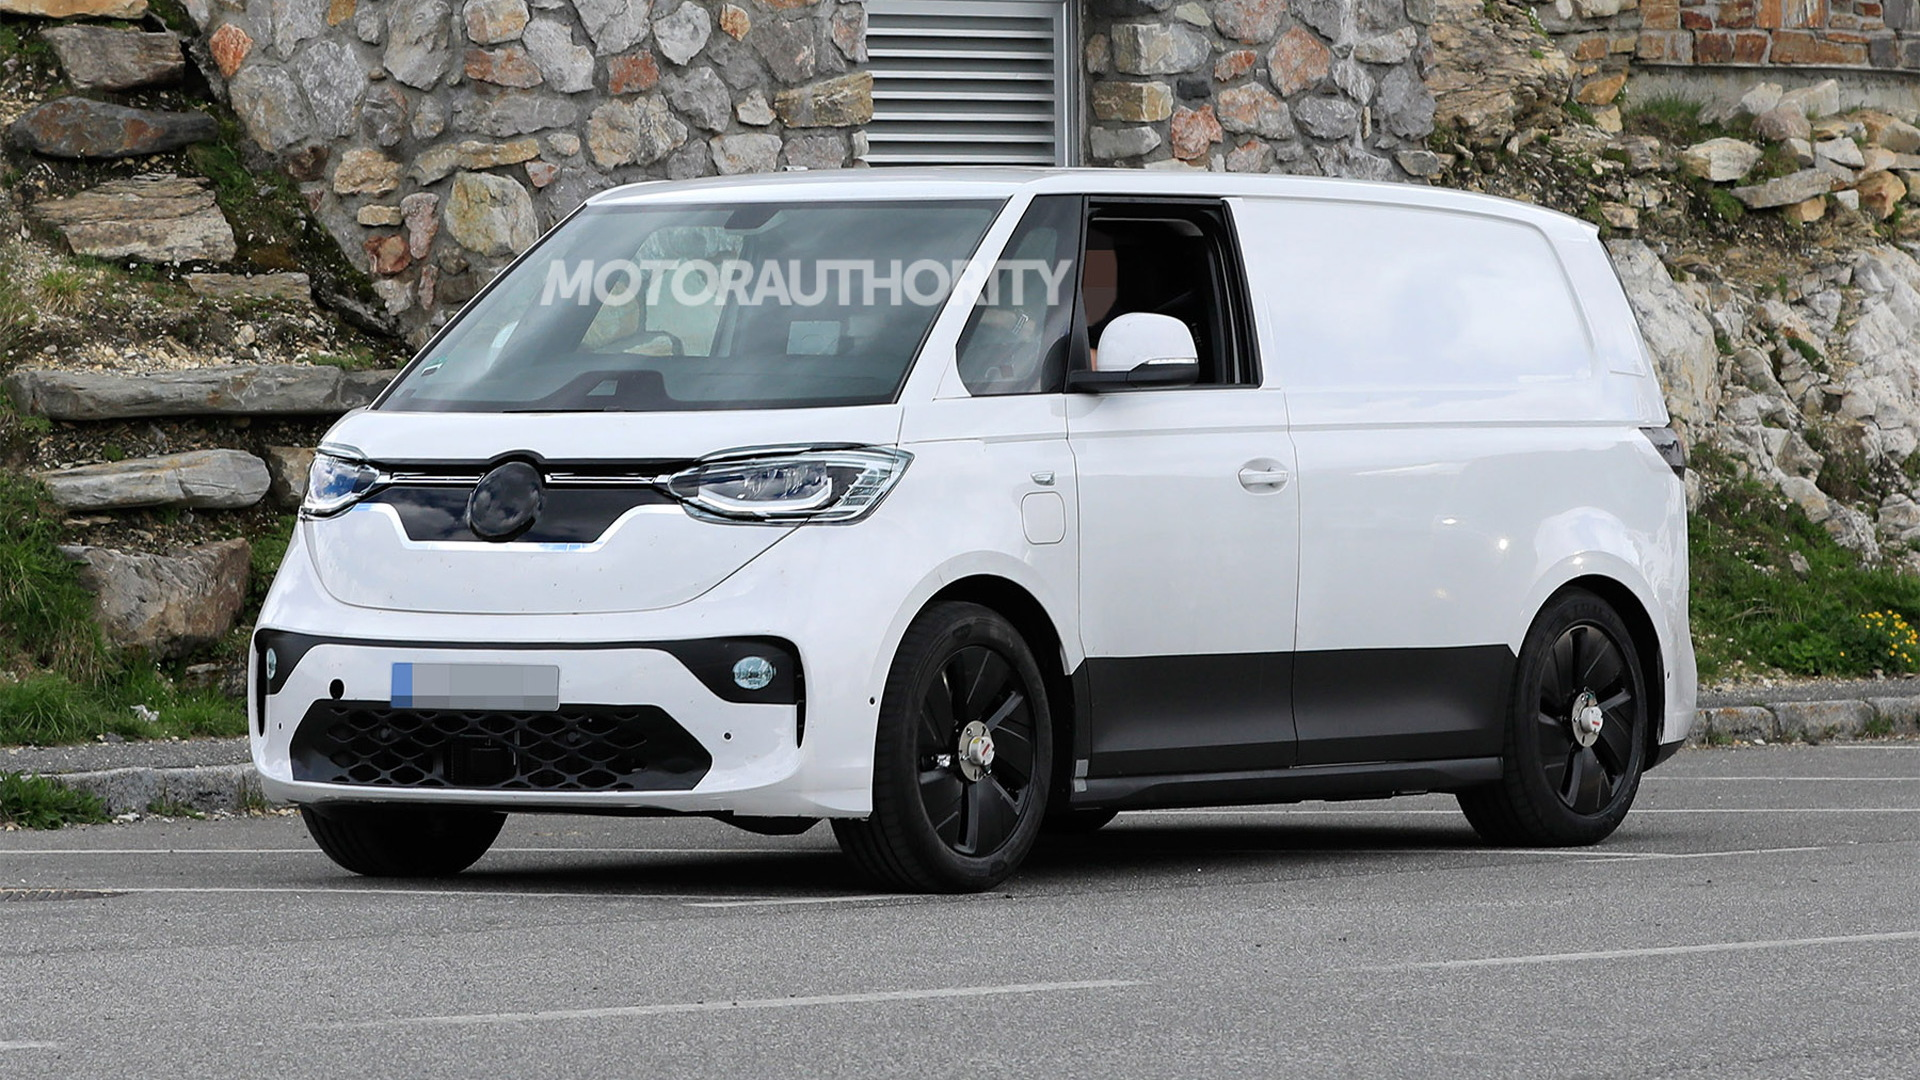 2024 Volkswagen ID Buzz production model spy shots - Photo credit:S. Baldauf/SB-Medien